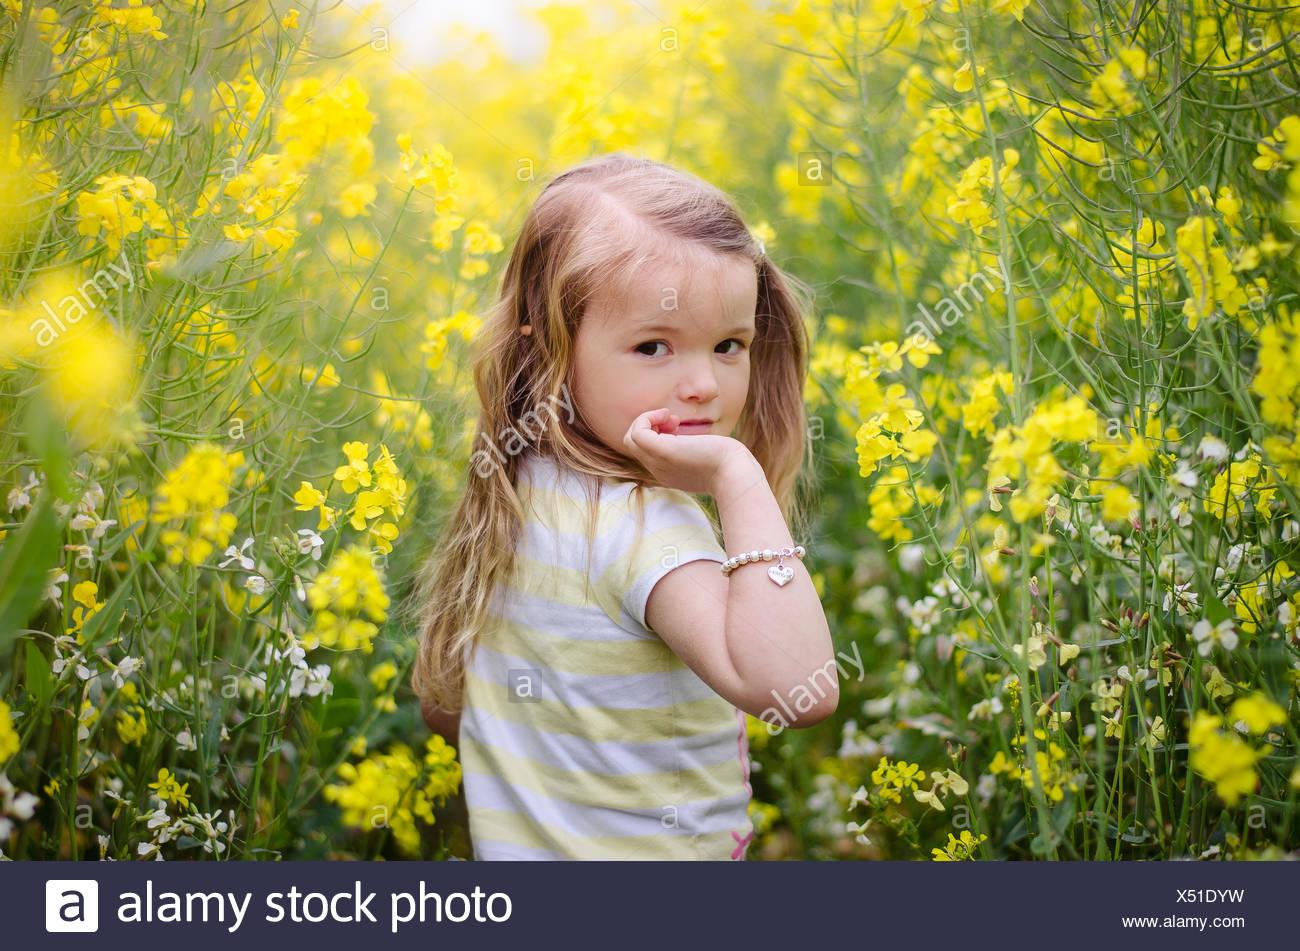 À la fille par-dessus son épaule dans un pré de fleurs jaunes Photo Stock